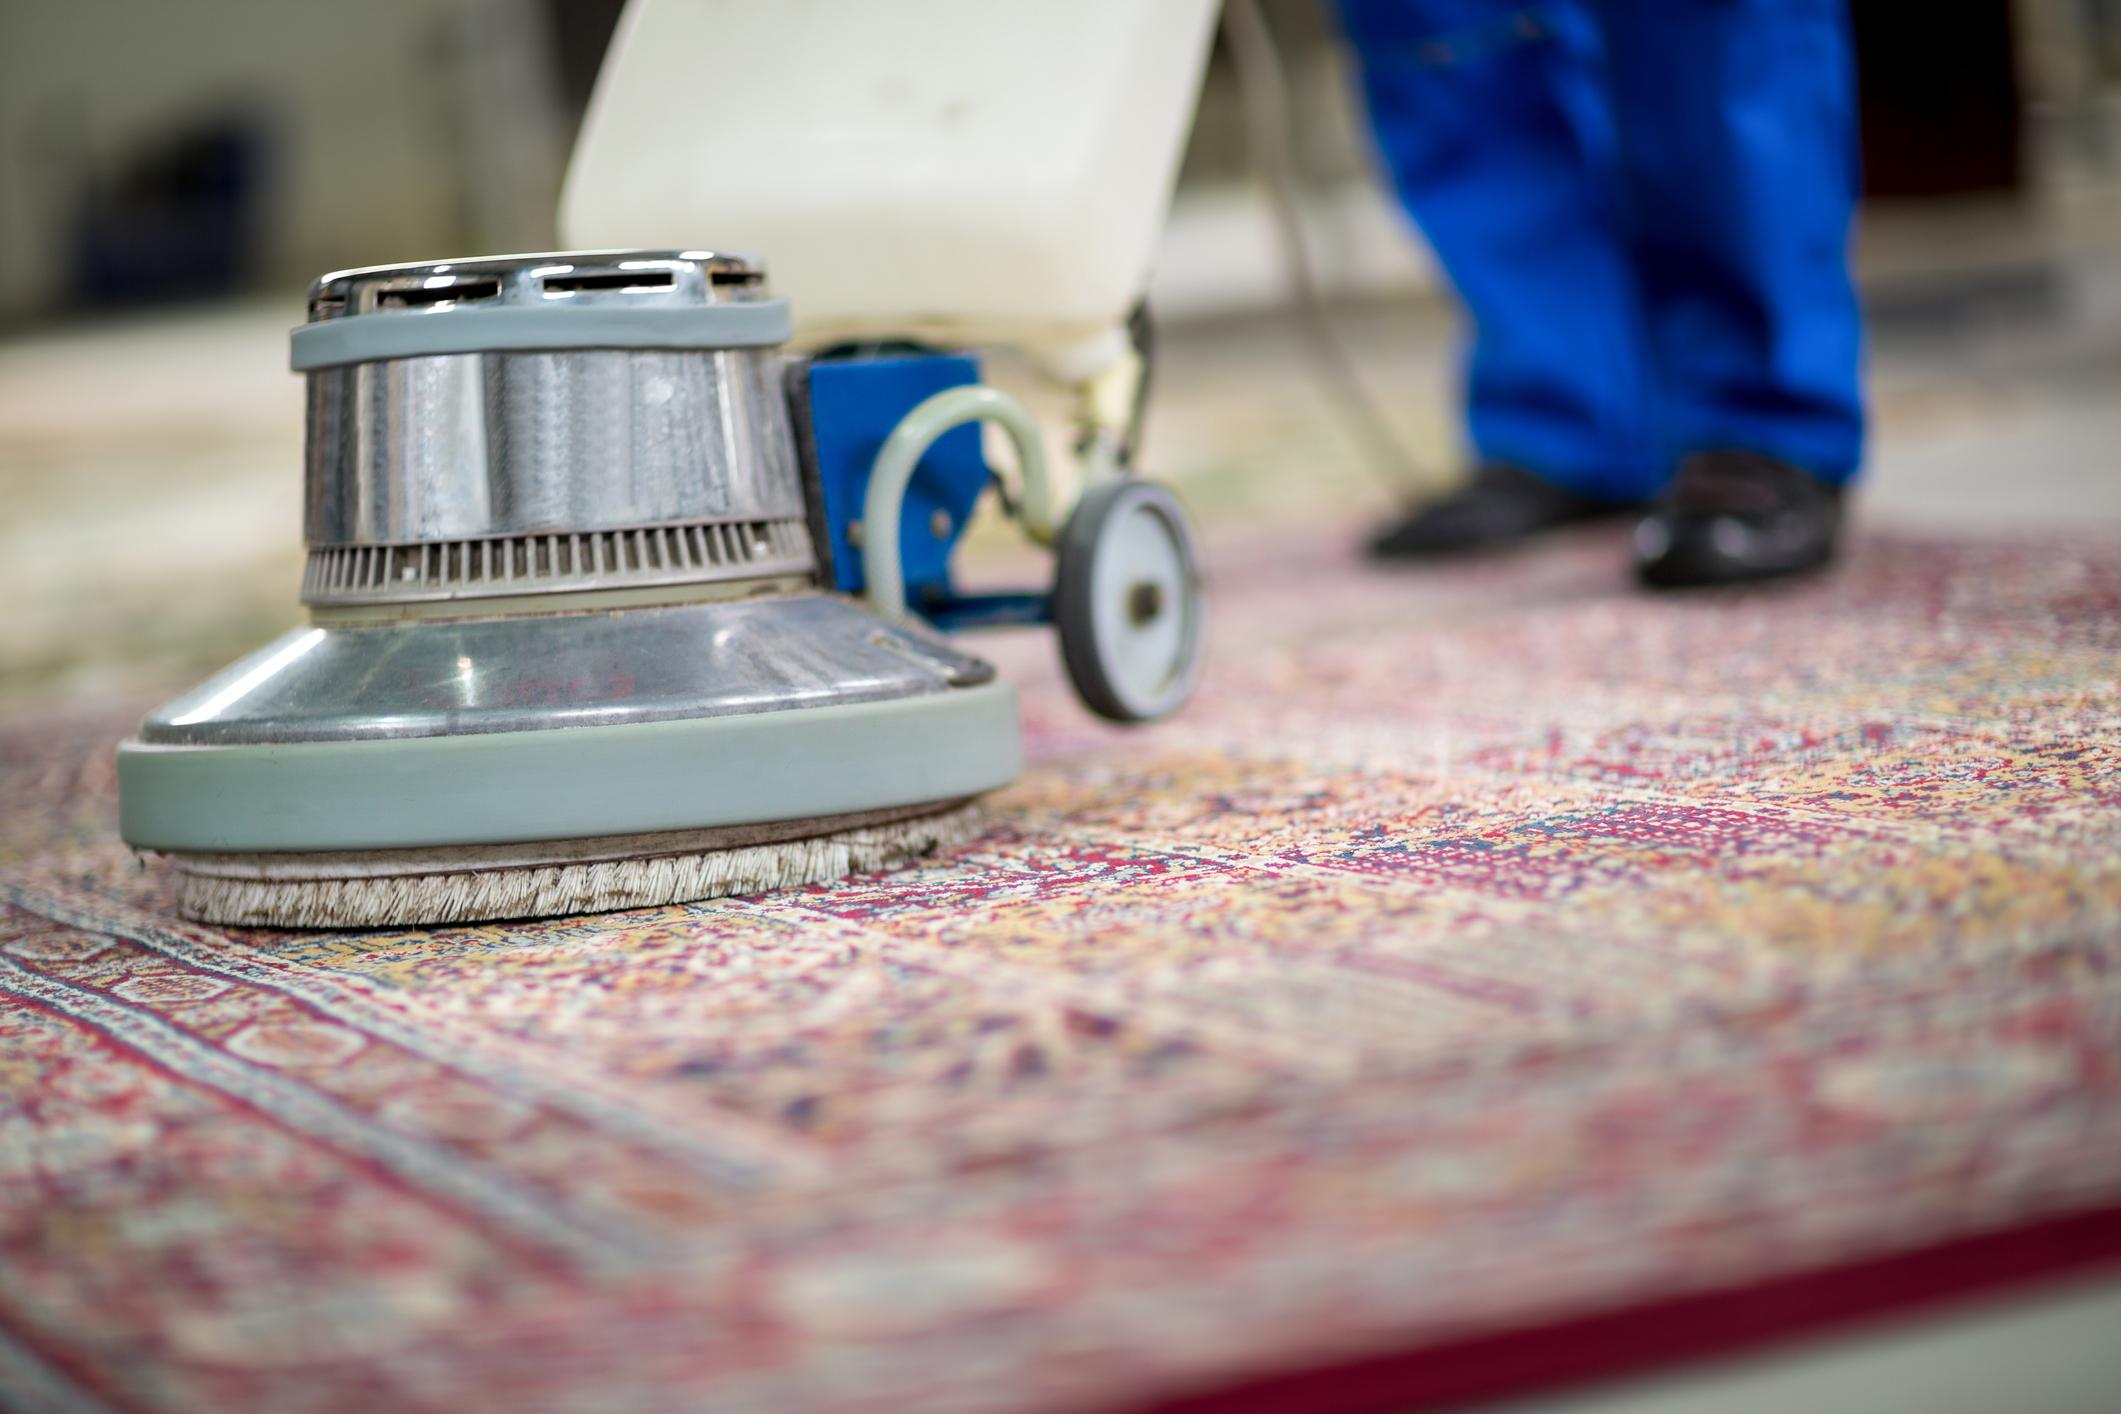 Ако времето е подходящо и имате условията, изперете или поне изтупайте добре килимите и пътеките. Прахосмукачката няма да е достатъчна.